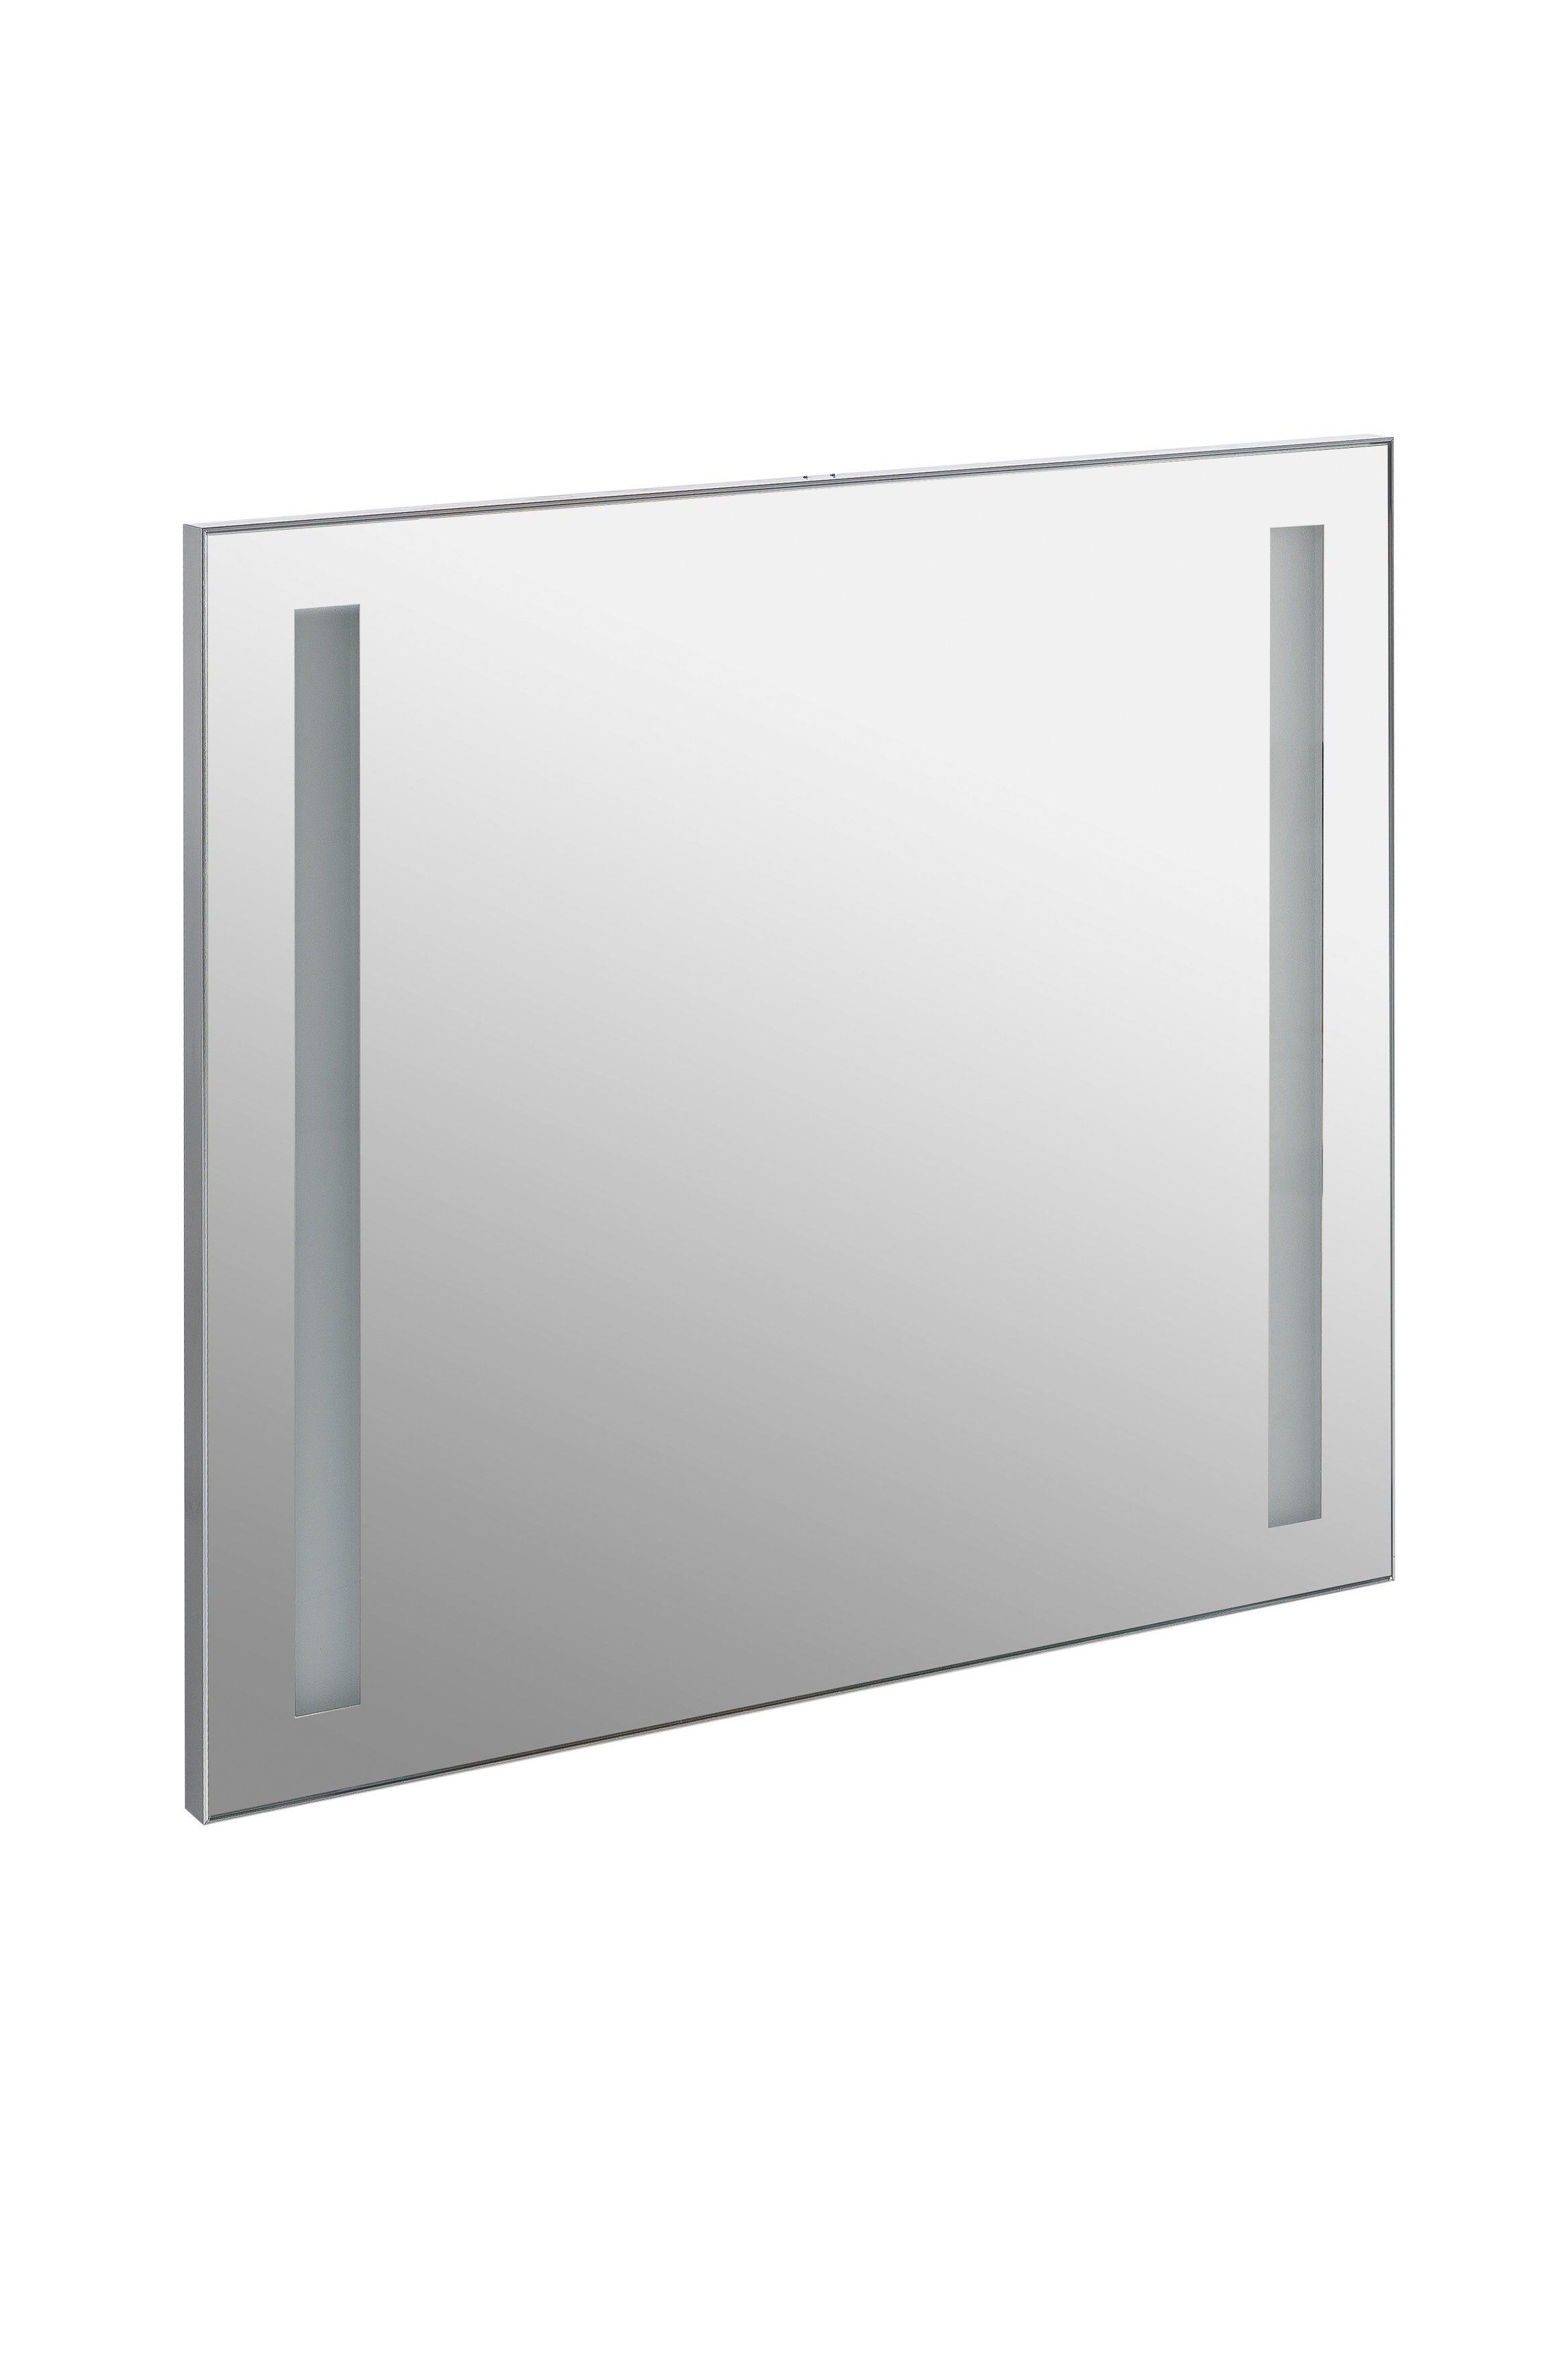 Schildmeyer Spiegel / Badspiegel »Irene« Breite 60 cm, mit Beleuchtung